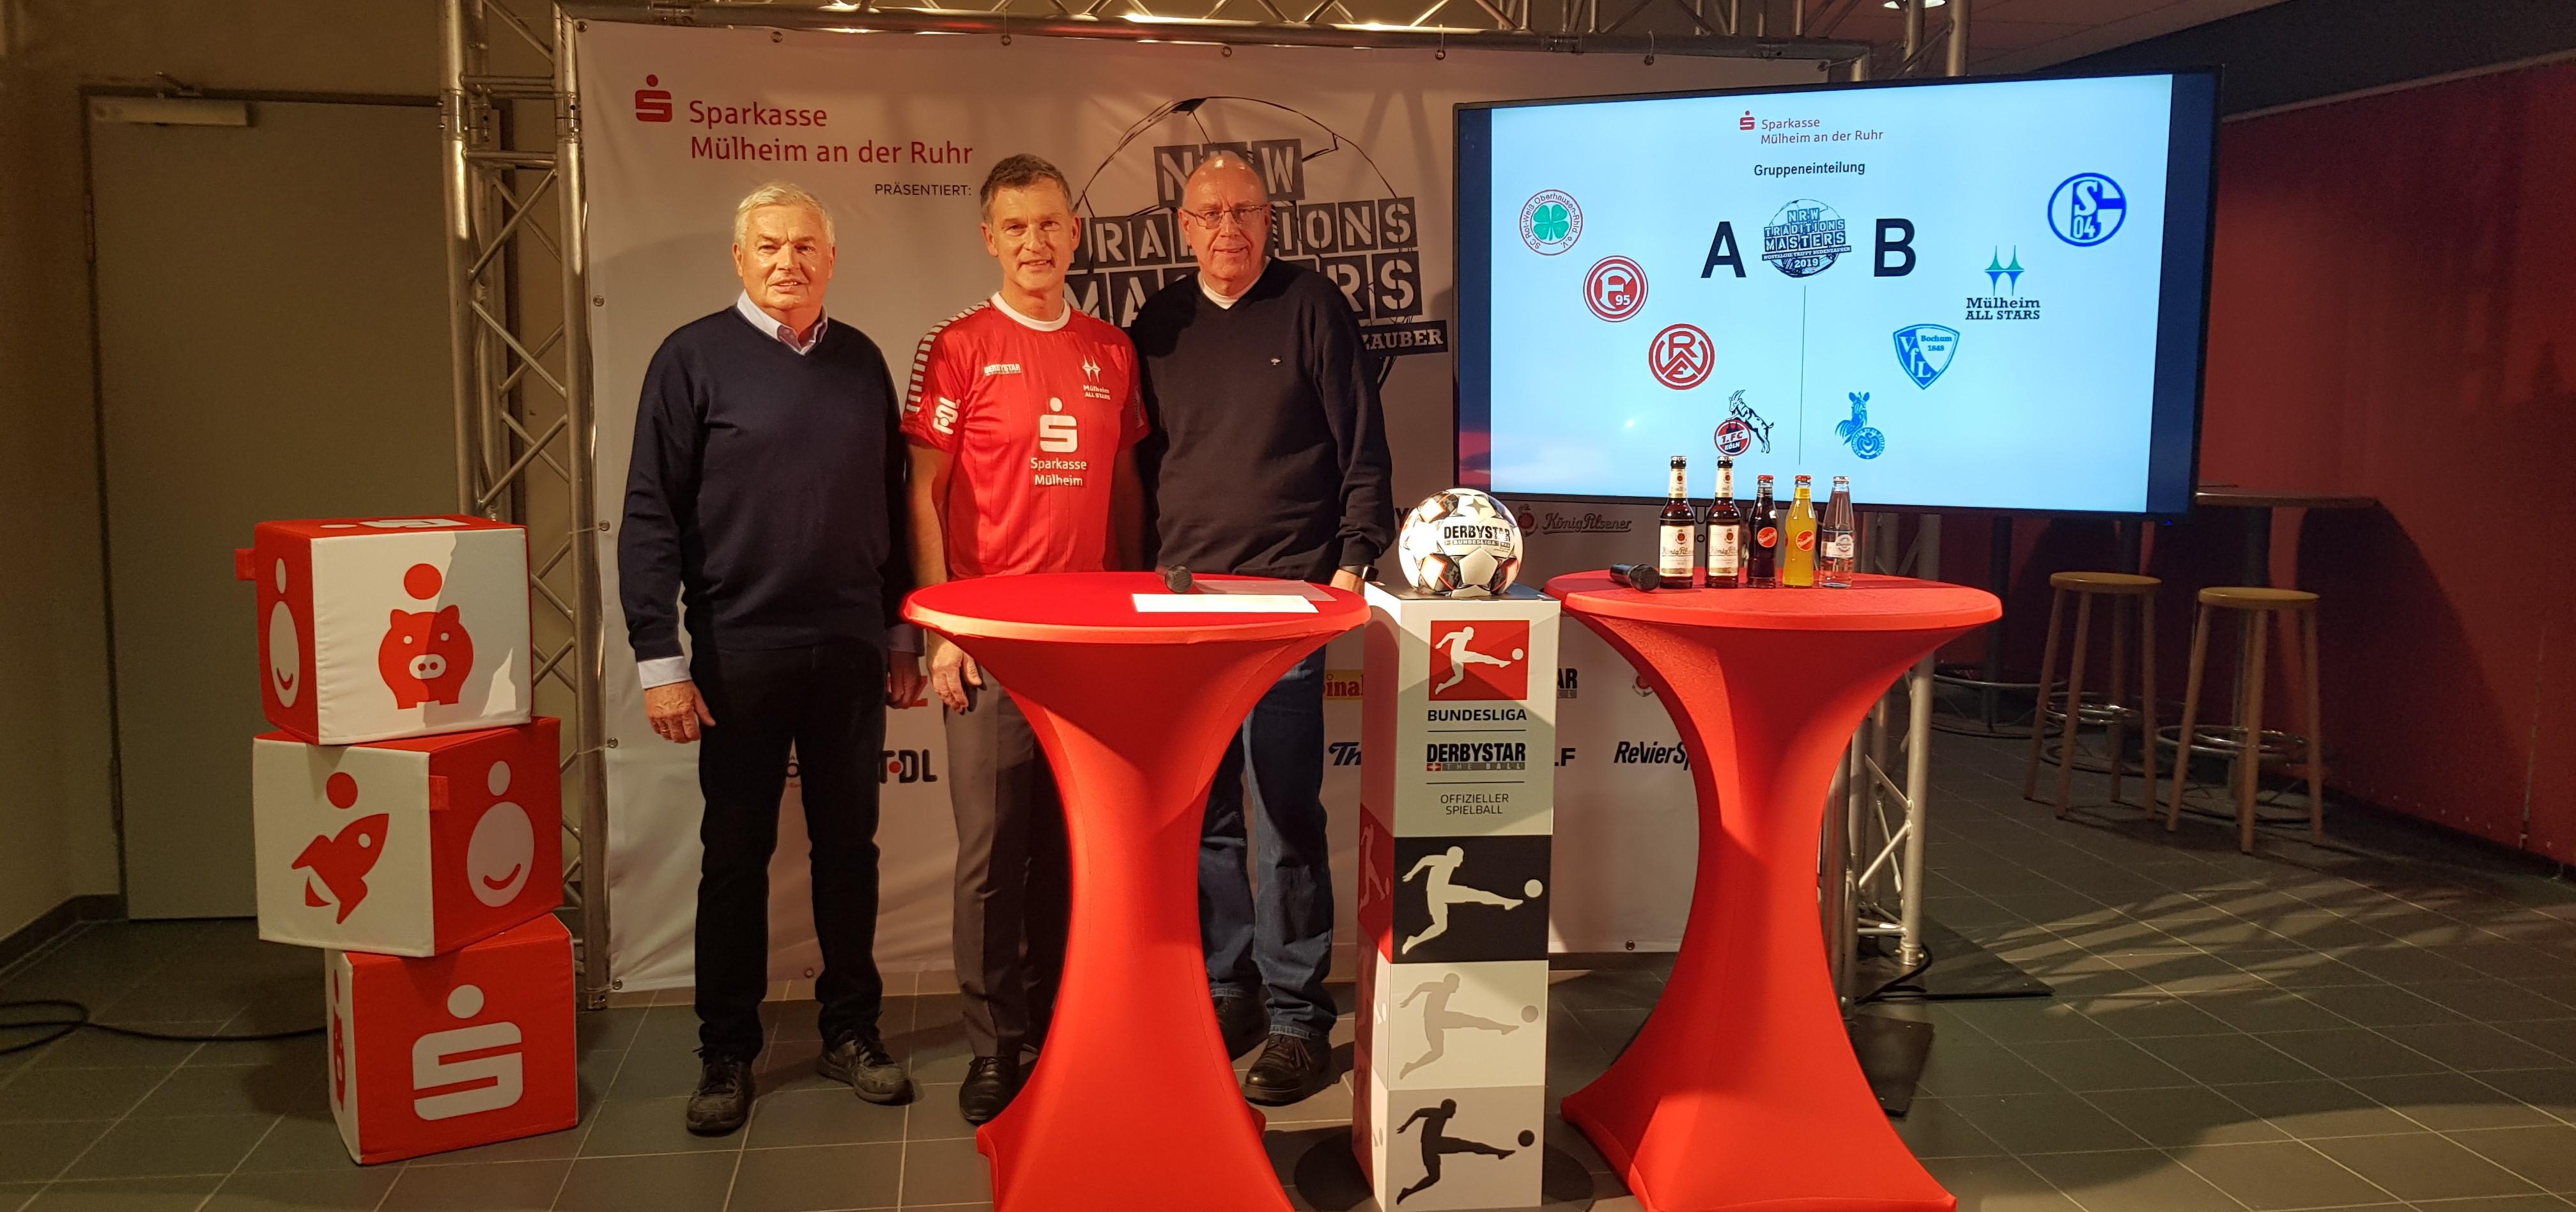 Hannes Bongartz, Frank Werner (Vorstandsmitglied der Sparkasse Mülheim), Moderator Ralf Bosse (v.l.) präsentieren die Gruppen des NRW-Traditionsmasters. (Foto: OMD sports)